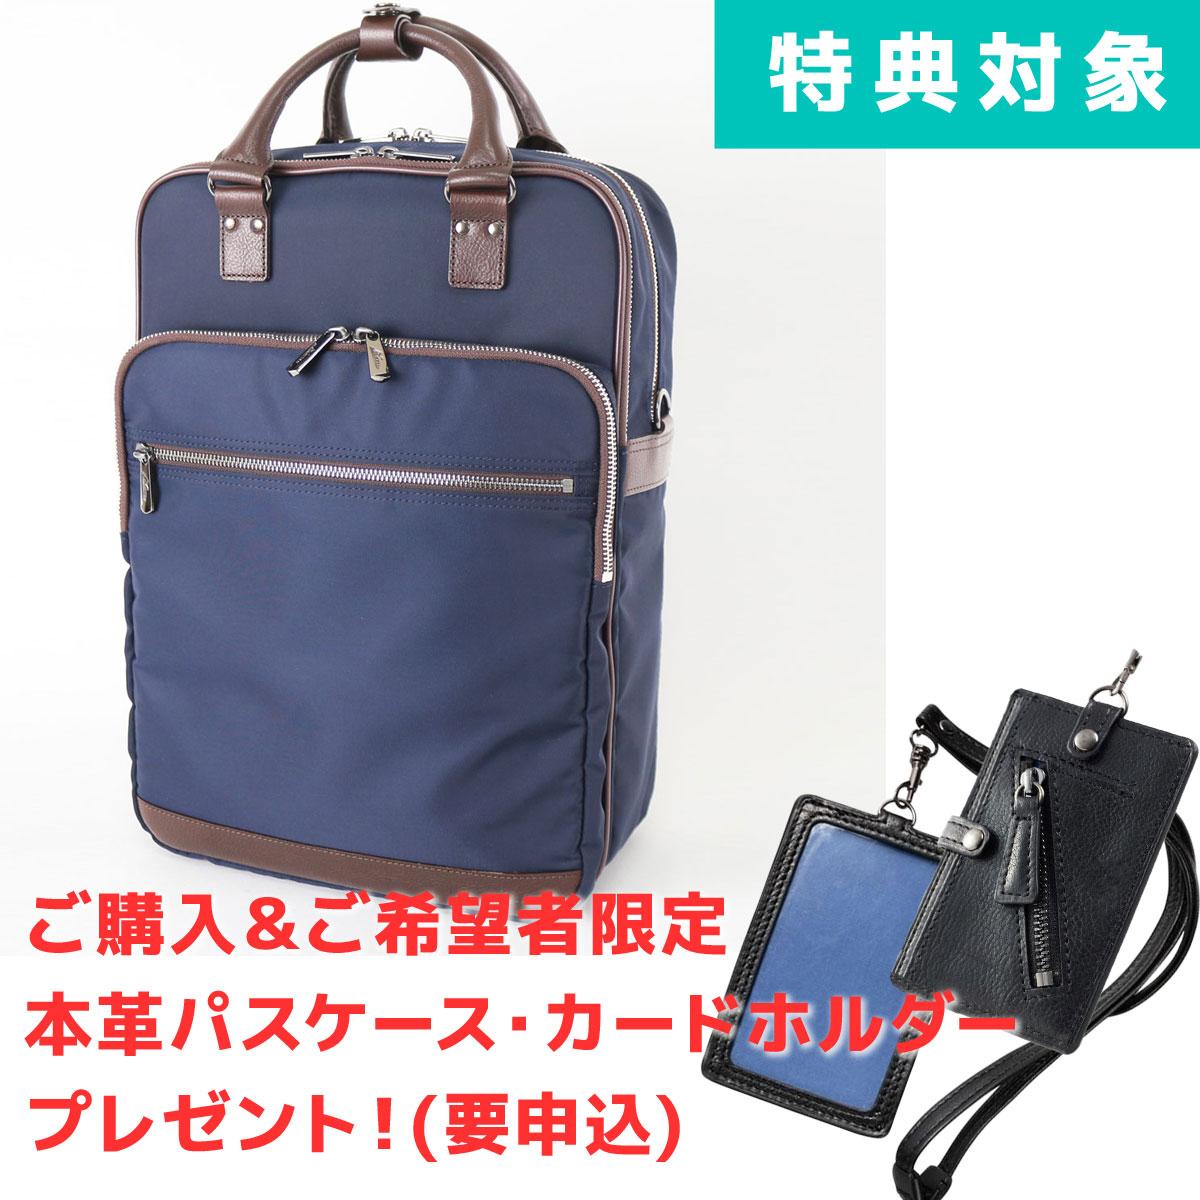 STARTTS LEOVGRAY(レオビグレイ)メイドインジャパン 日本製×本革 3WAYセットアップブリーフ 縦型【LG-15】